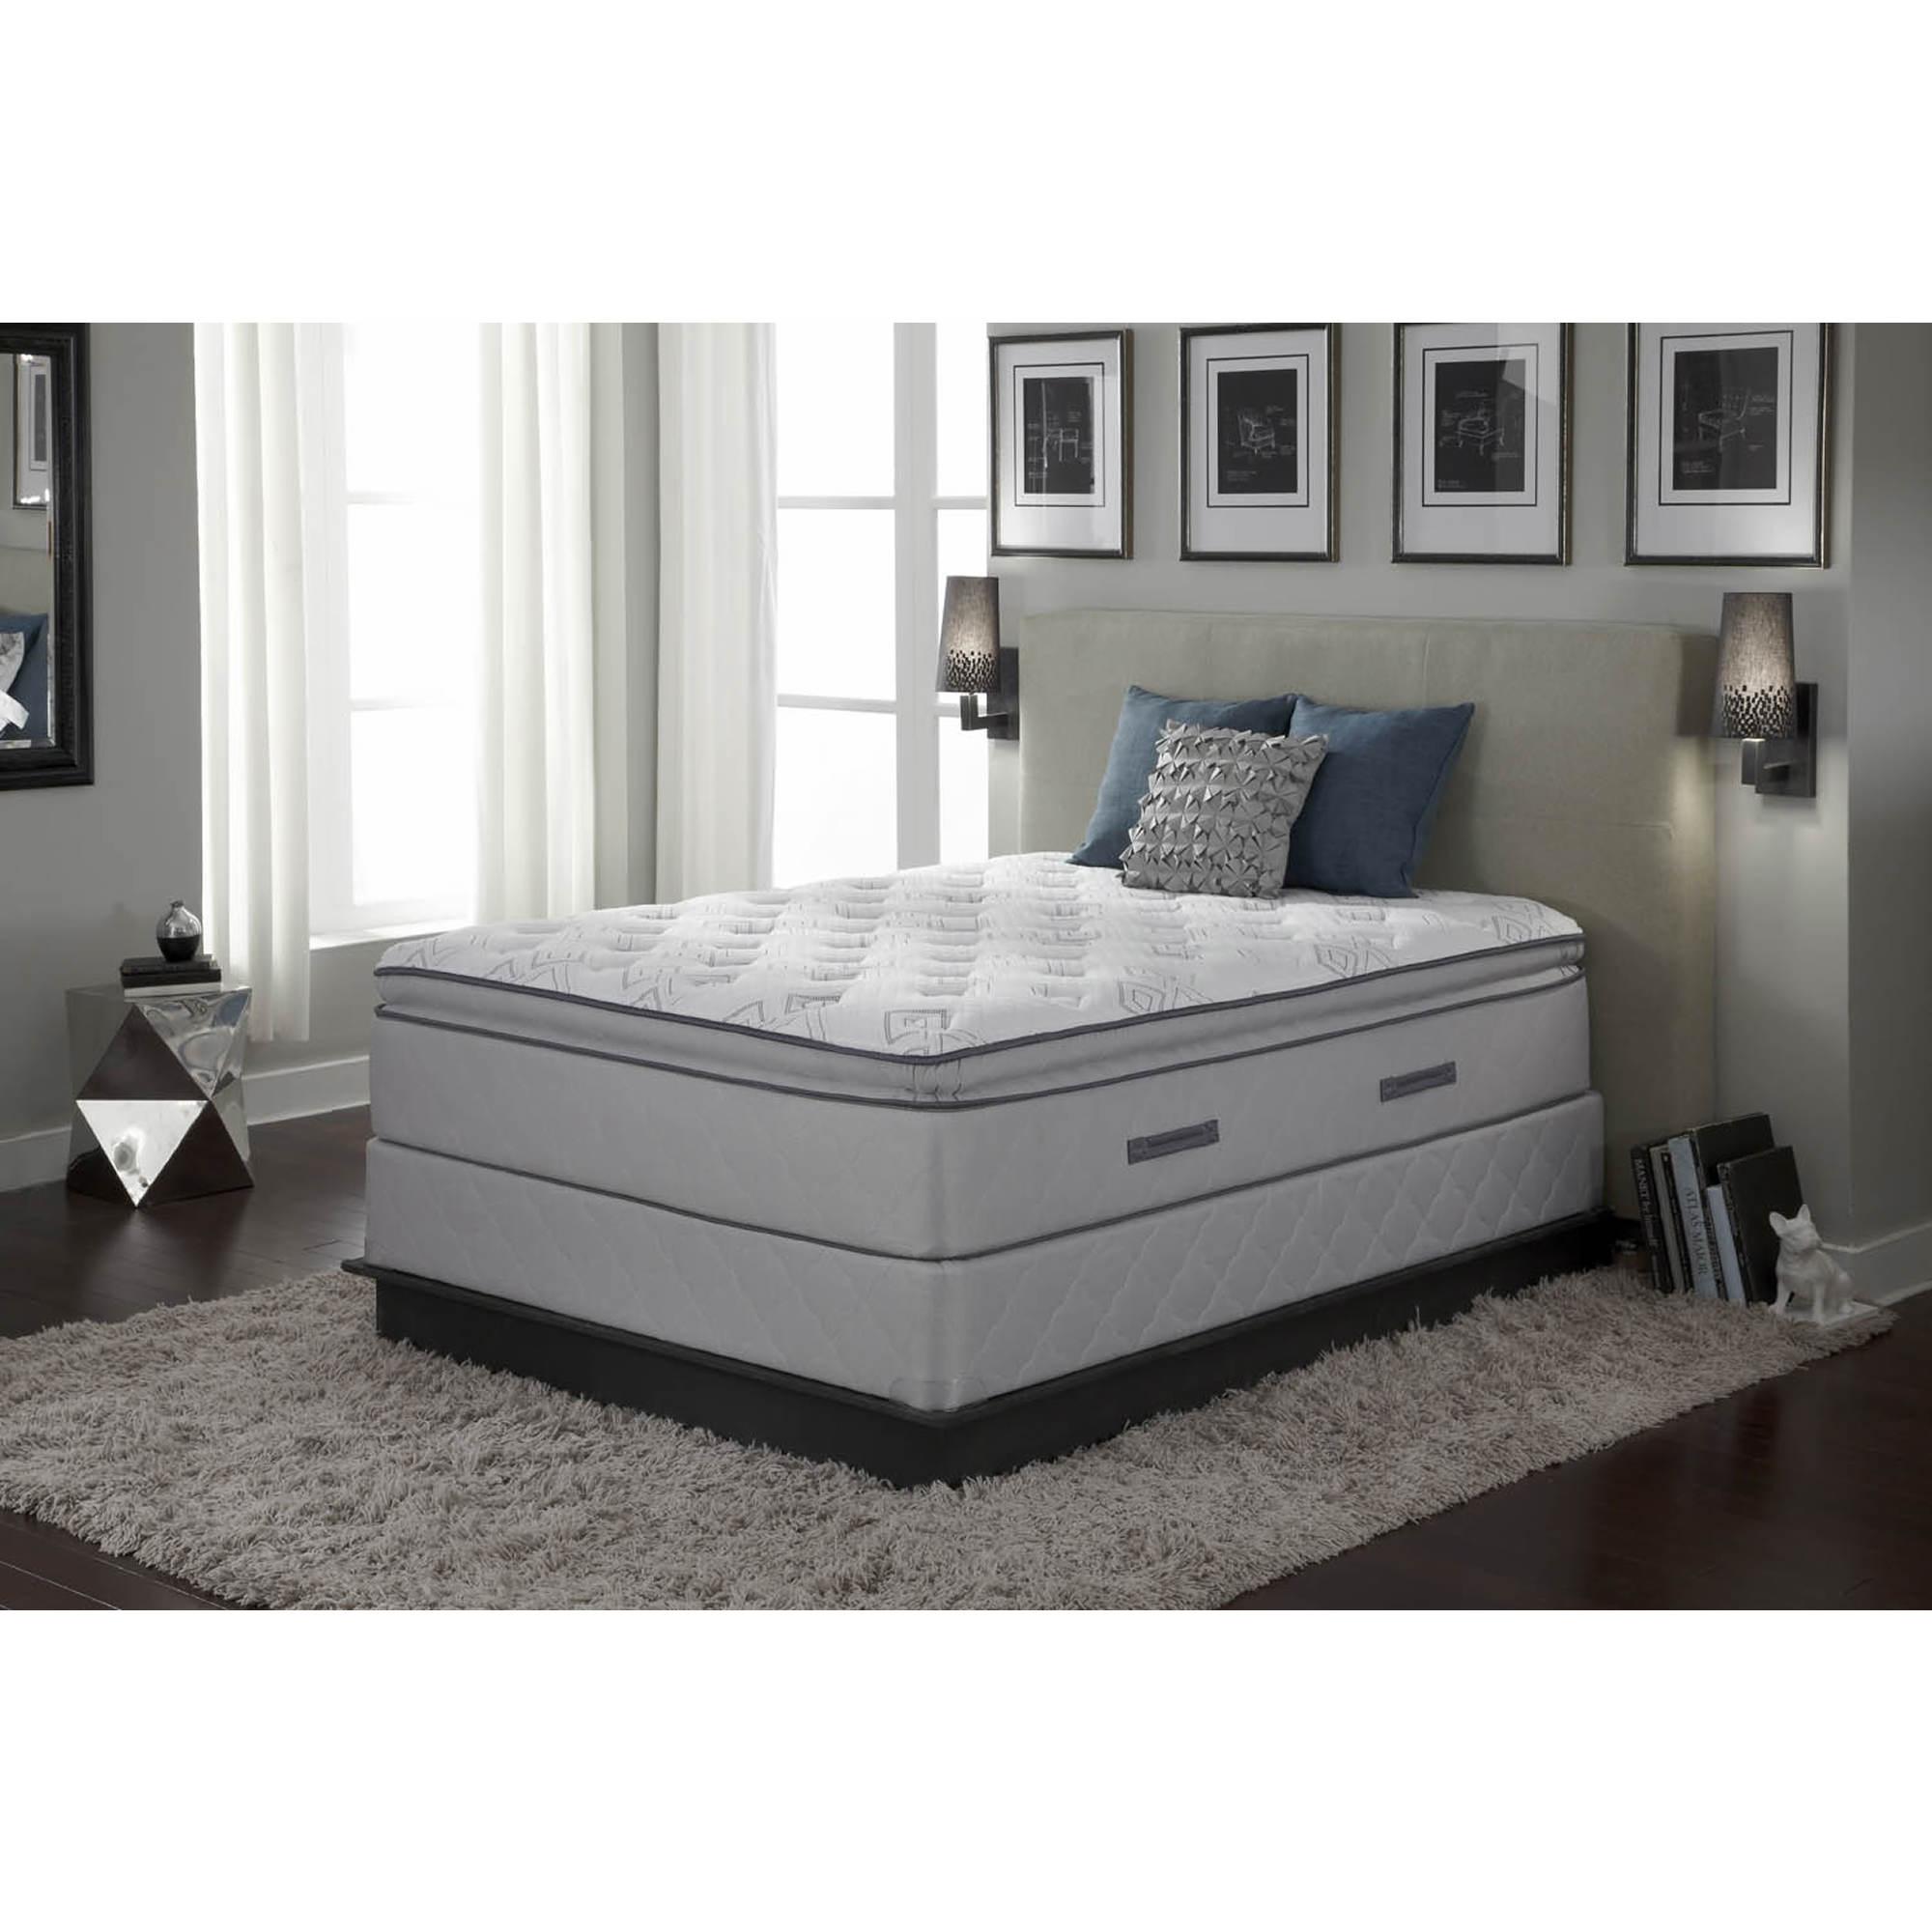 sealy edgemont plush euro pillowtop queen size mattress With cheap plush queen mattress